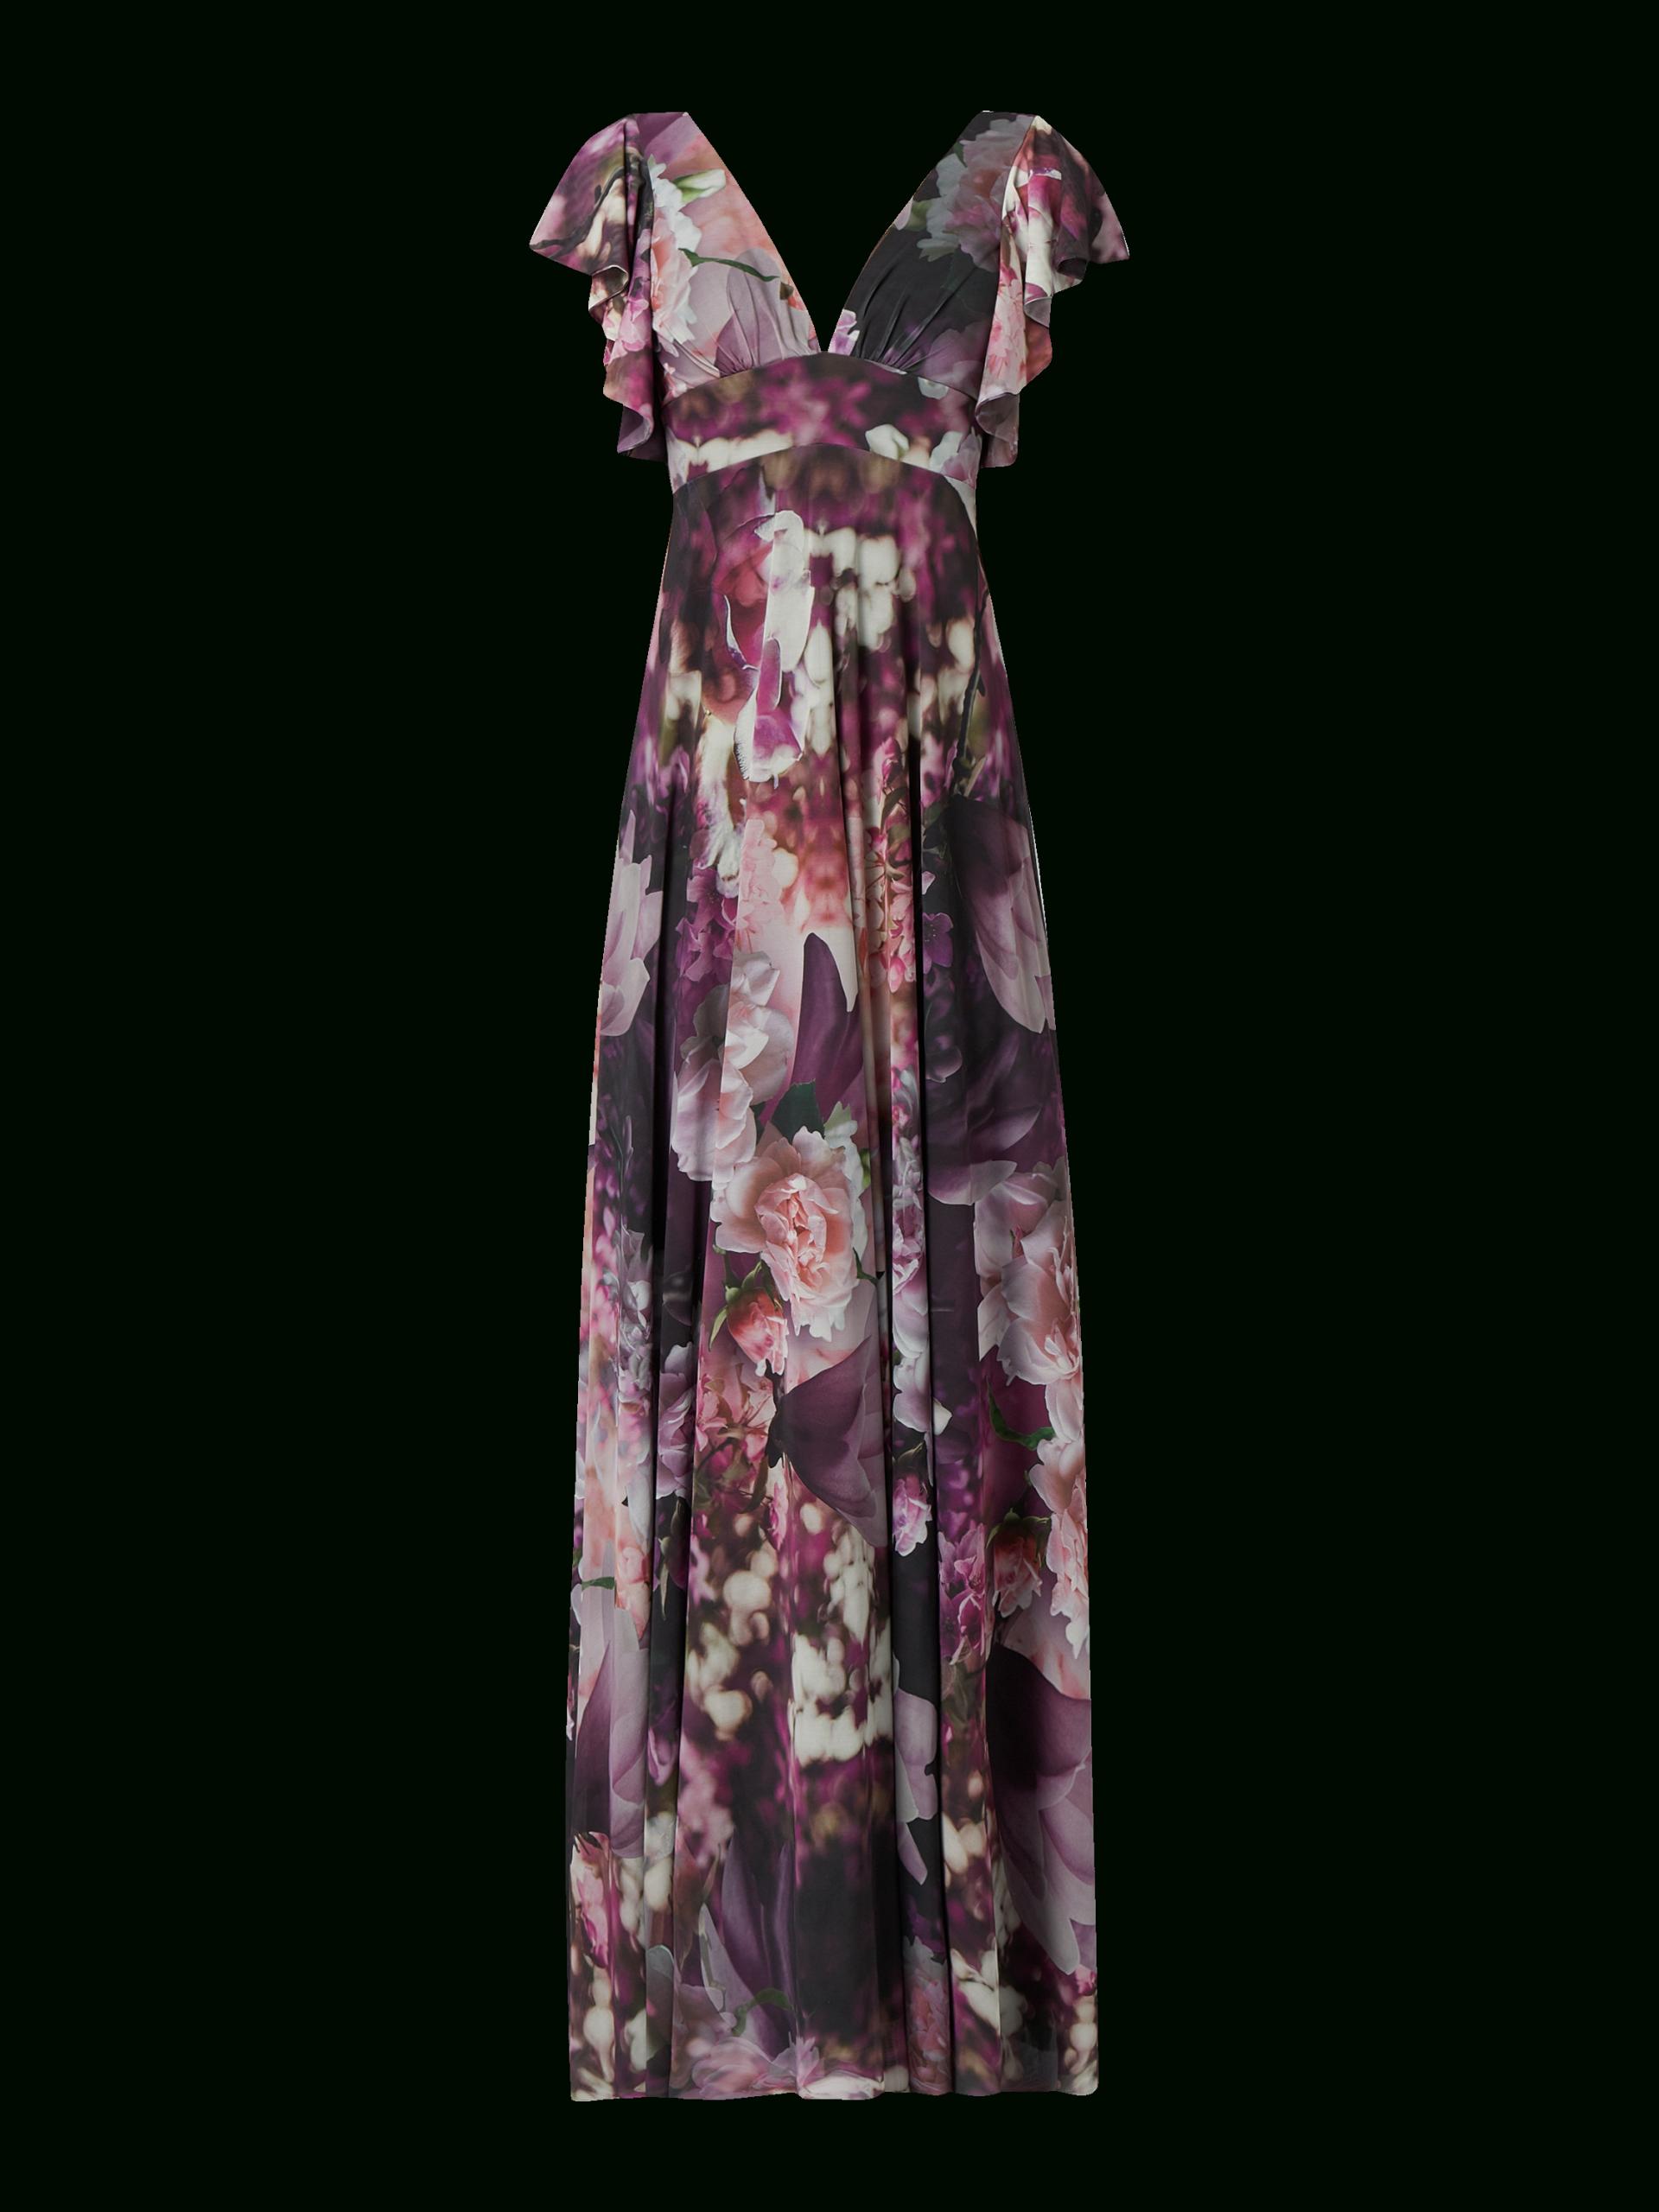 15 Leicht Troyden Collection Abendkleid Design13 Spektakulär Troyden Collection Abendkleid Galerie